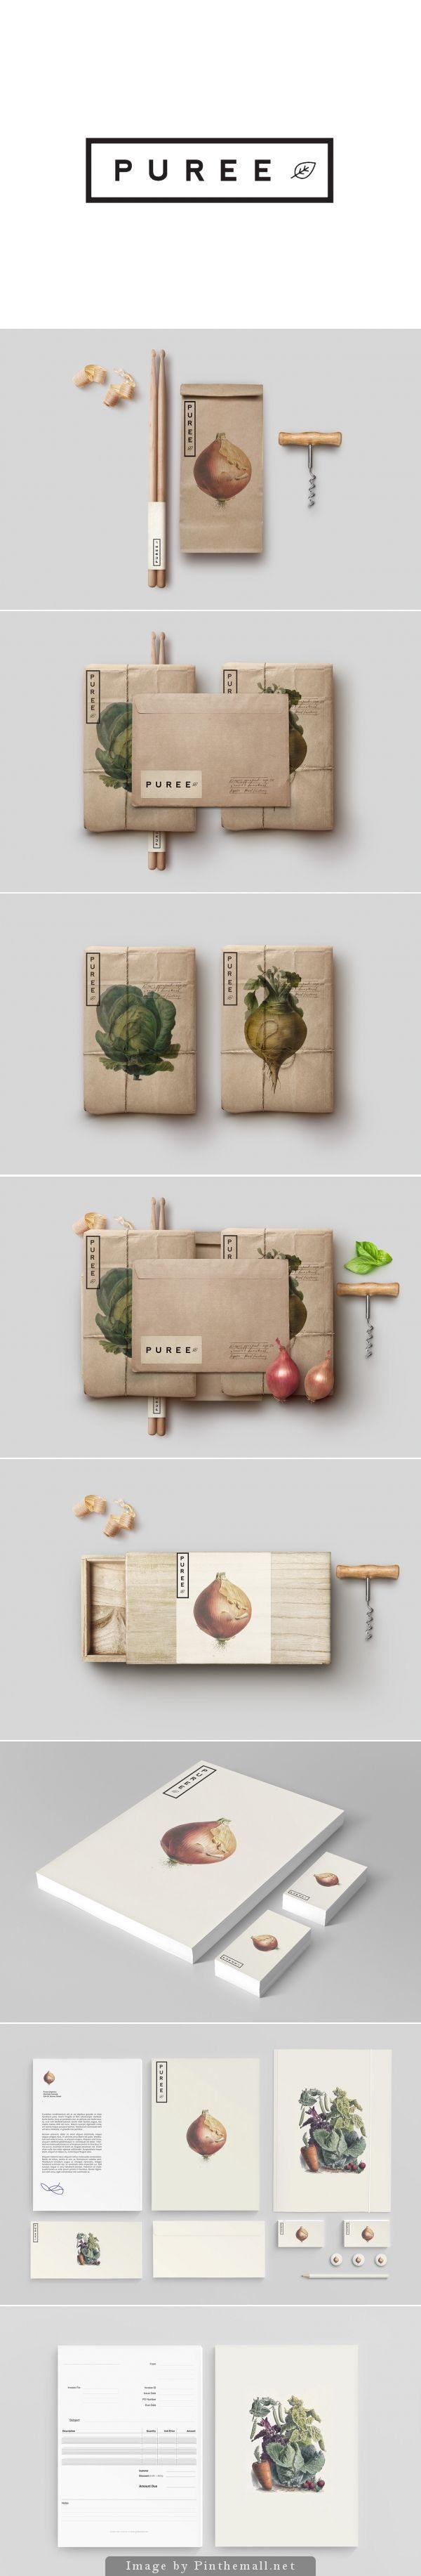 Voisko hyödyntää jotenkin sitä, että nää tullaan lähettää postissa, suomalaisen ruokakukttuurin asialla oliski postimerkki?